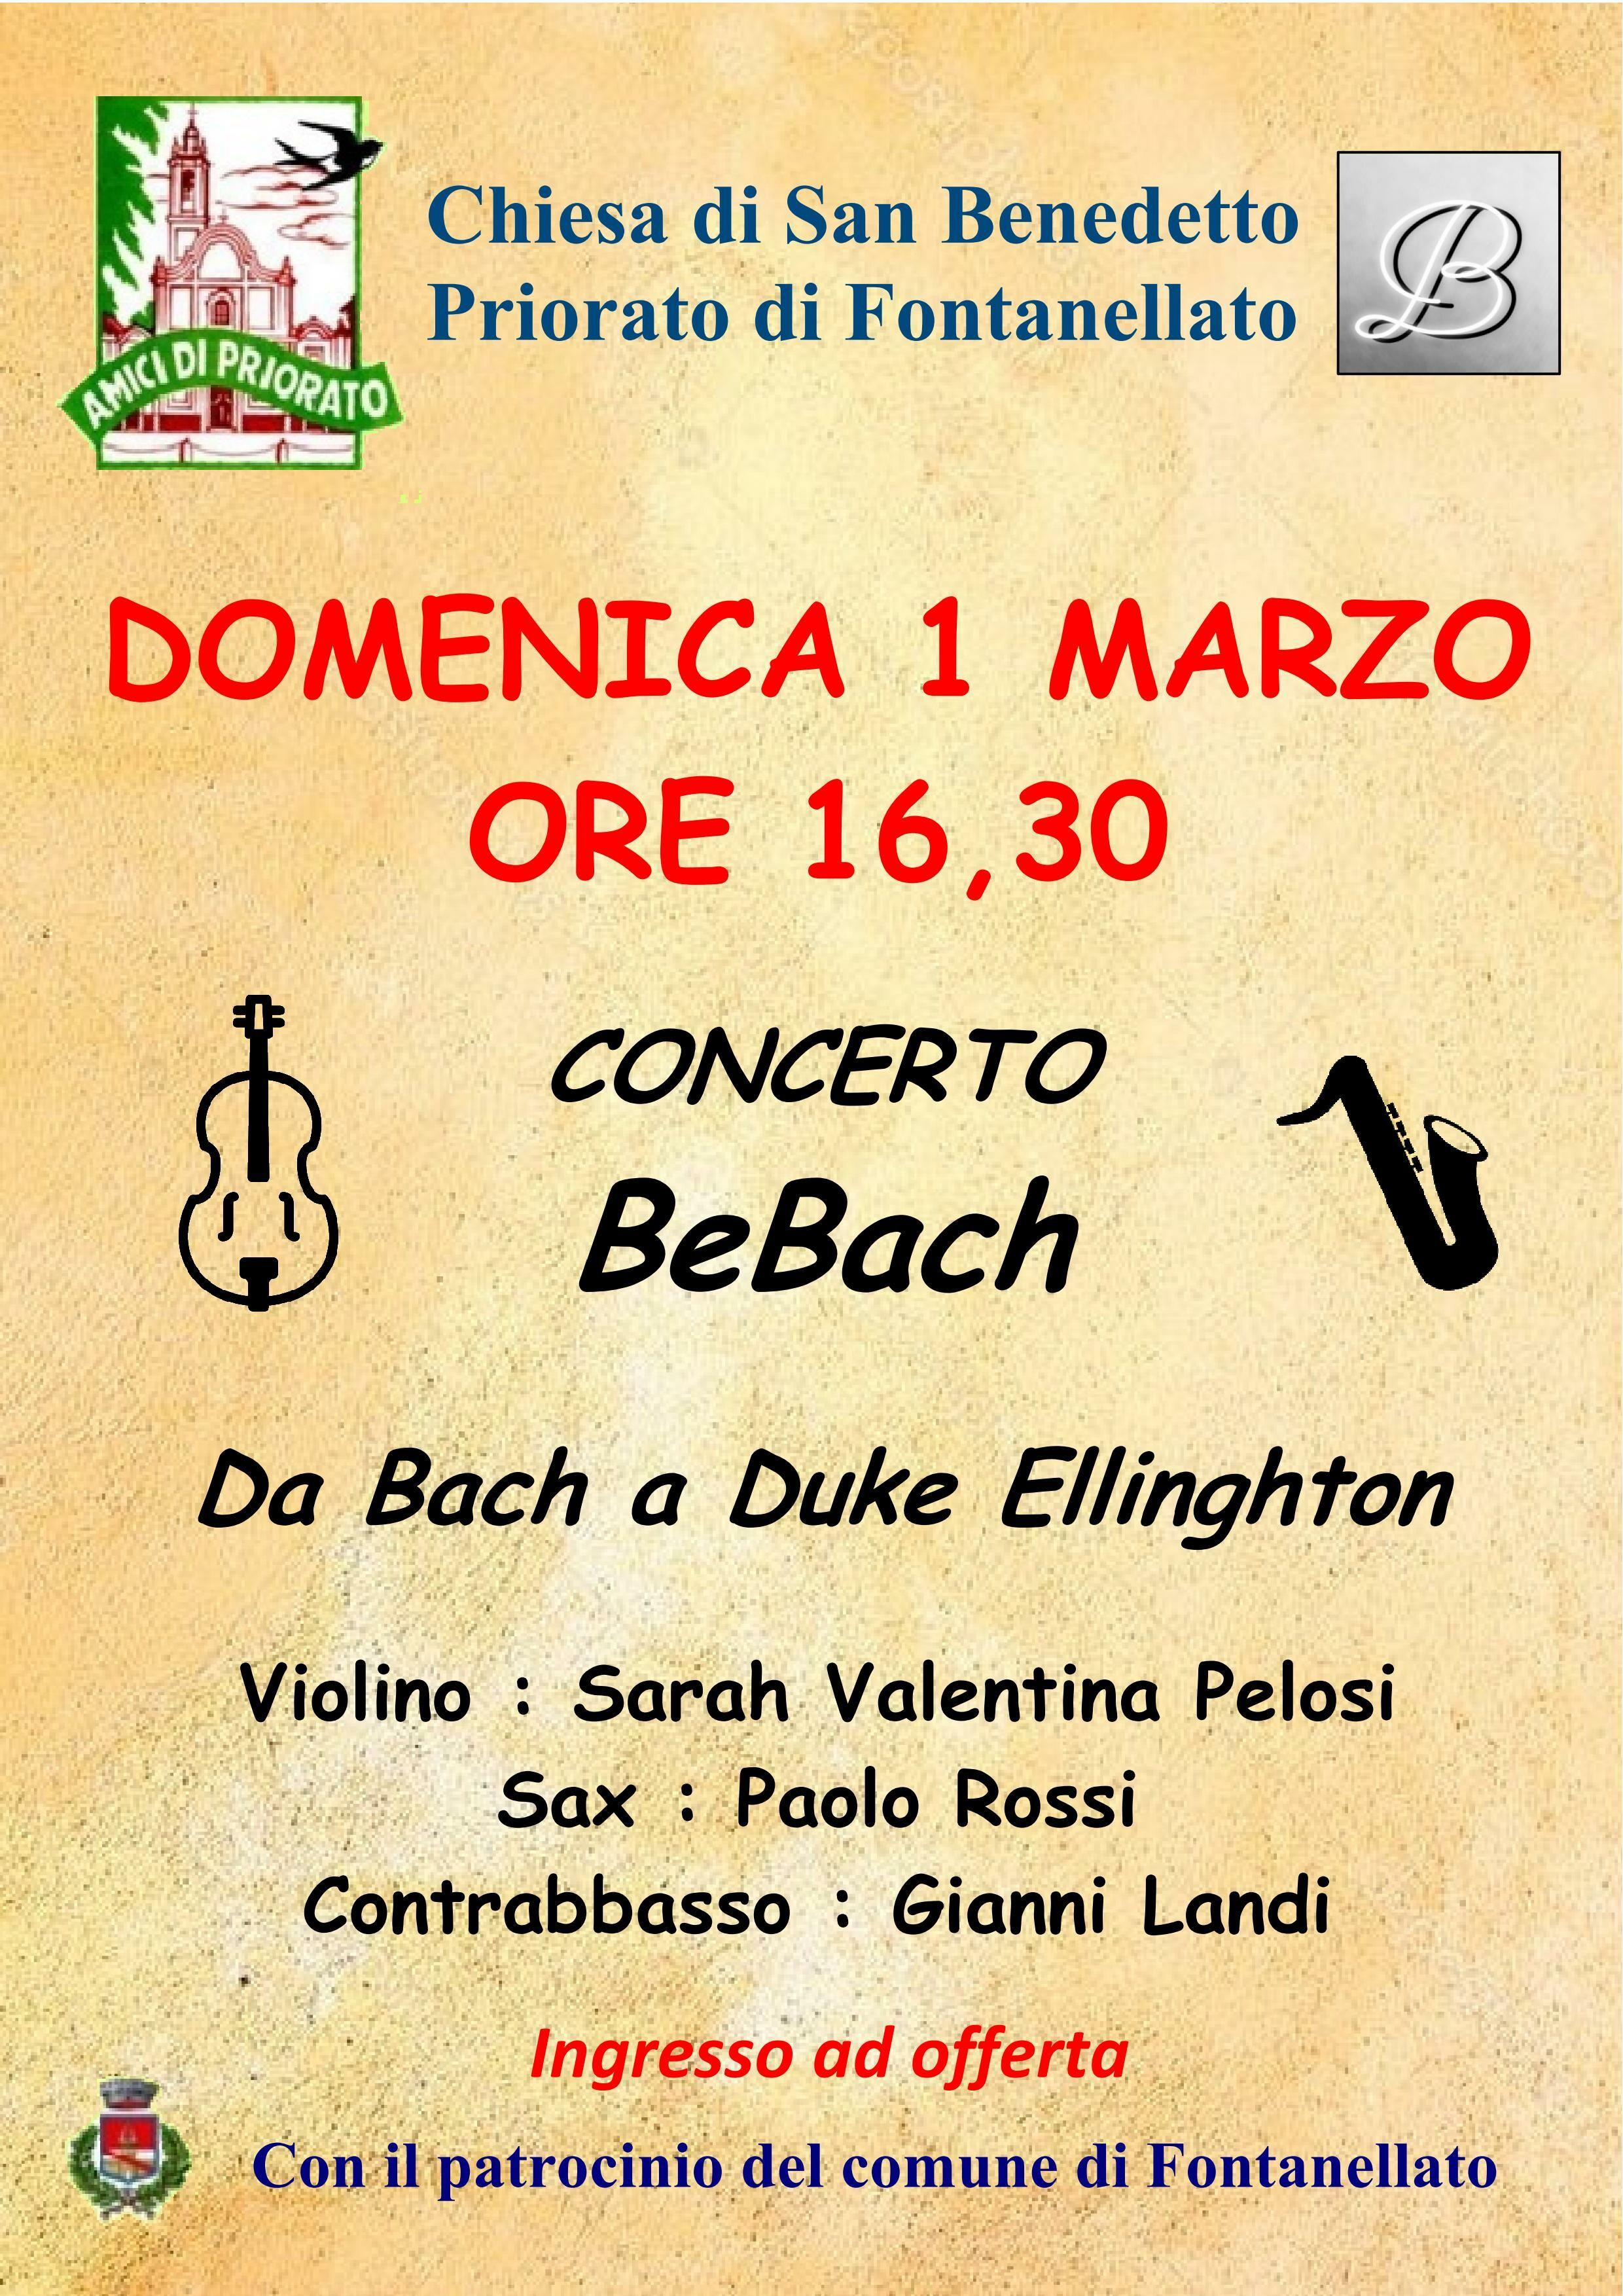 Concerto BeBach, musiche proposte da Bach a Duke Ellinghton nella chiesa di San Benedetto in Priorato.